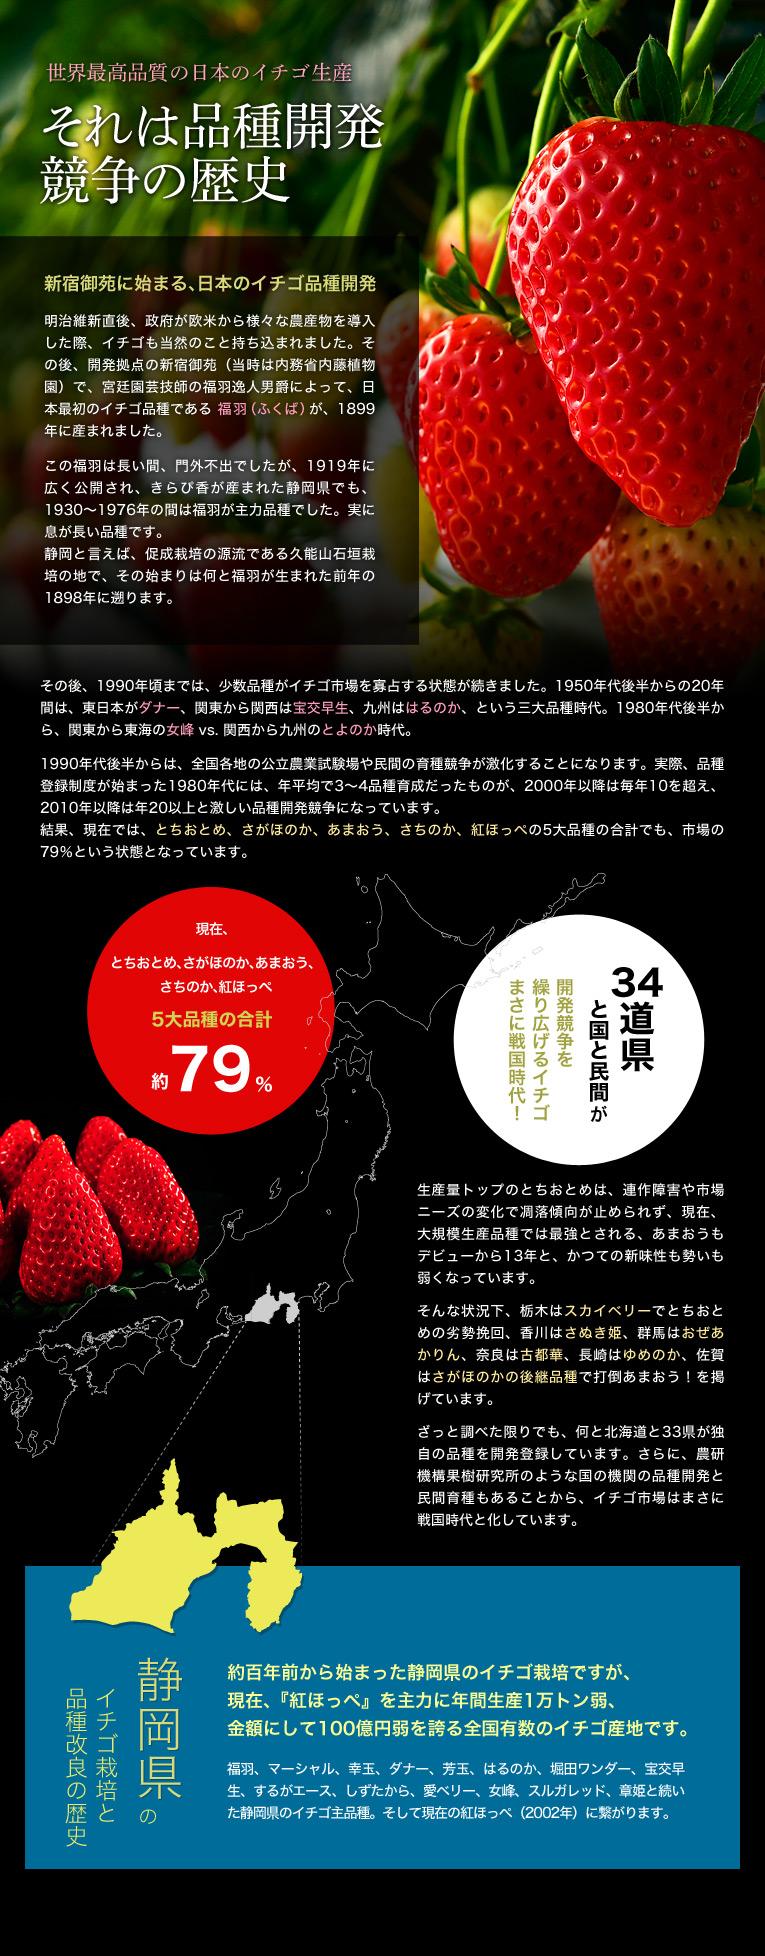 世界最高品質の日本のイチゴ生産 それは品種開発競争の歴史  新宿御苑に始まる、日本のイチゴ品種開発 明治維新直後、政府が欧米から様々な農産物を導入した際、イチゴも当然のこと持ち込まれました。その後、開発拠点の新宿御苑(当時は内務省内藤植物園)で、宮廷園芸技師の福羽逸人男爵によって、日本最初のイチゴ品種である福羽(ふくば)が、1899年に産まれました。この福羽は長い間、門外不出でしたが、1919年に広く公開され、きらぴ香が産まれた静岡県でも、1930〜1976年の間は福羽が主力品種でした。実に息が長い品種です。静岡と言えば、促成栽培の源流である久能山石垣栽培の地で、その始まりは何と福羽が生まれた前年の1898年に遡ります。 その後、1990年頃までは、少数品種がイチゴ市場を寡占する状態が続きました。1950年代後半からの20年間は、東日本がダナー、関東から関西は宝交早生、九州ははるのか、という三大品種時代。1980年代後半から、関東から東海の女峰VS関西から九州のとよのか時代。1990年代後半からは、全国各地の公立農業試験場や民間の育種競争が激化することになります。実際、品種登録制度が始まった1980年代には、年平均で3〜4品種育成だったものが、2000年以降は毎年10を超え、2010年以降は年20以上と激しい品種開発競争になっています。結果、現在では、とちおとめ、さがほのか、あまおう、さちのか、紅ほっぺの5大品種の合計でも、市場の79%という状態となっています。  34道県と国と民間が開発競争を繰り広げるイチゴ まさに戦国時代 生産量トップのとちおとめは、連作障害や市場ニーズの変化で凋落傾向が止められず、現在、大規模生産品種では最強とされる、あまおうもデビューから13年と、かつての新味性も勢いも弱くなっています。そんな状況下、栃木はスカイベリーでとちおとめの劣勢挽回、香川はさぬき姫、群馬はおぜあかりん、奈良は古都華、長崎はゆめのか、佐賀はさがほのかの後継品種で打倒あまおう!を掲げています。ざっと調べた限りでも、何と北海道と33県が独自の品種を開発登録しています。さらに、農研機構果樹研究所のような国の機関の品種開発と民間育種もあることから、イチゴ市場はまさに戦国時代と化しています。  静岡県のイチゴ栽培と品種改良の歴史   約百年前から始まった静岡県のイチゴ栽培ですが、現在、『紅ほっぺ』を主力に年間生産1万トン弱、金額にして100億円弱を誇る全国有数のイチゴ産地です。福羽、マーシャル、幸玉、ダナー、芳玉、はるのか、堀田ワンダー、宝交早生、するがエース、しずたから、愛ベリー、女峰、スルガレッド、章姫と続いた静岡県のイチゴ主品種。そして現在の紅ほっぺ(2002年)に繋がります。